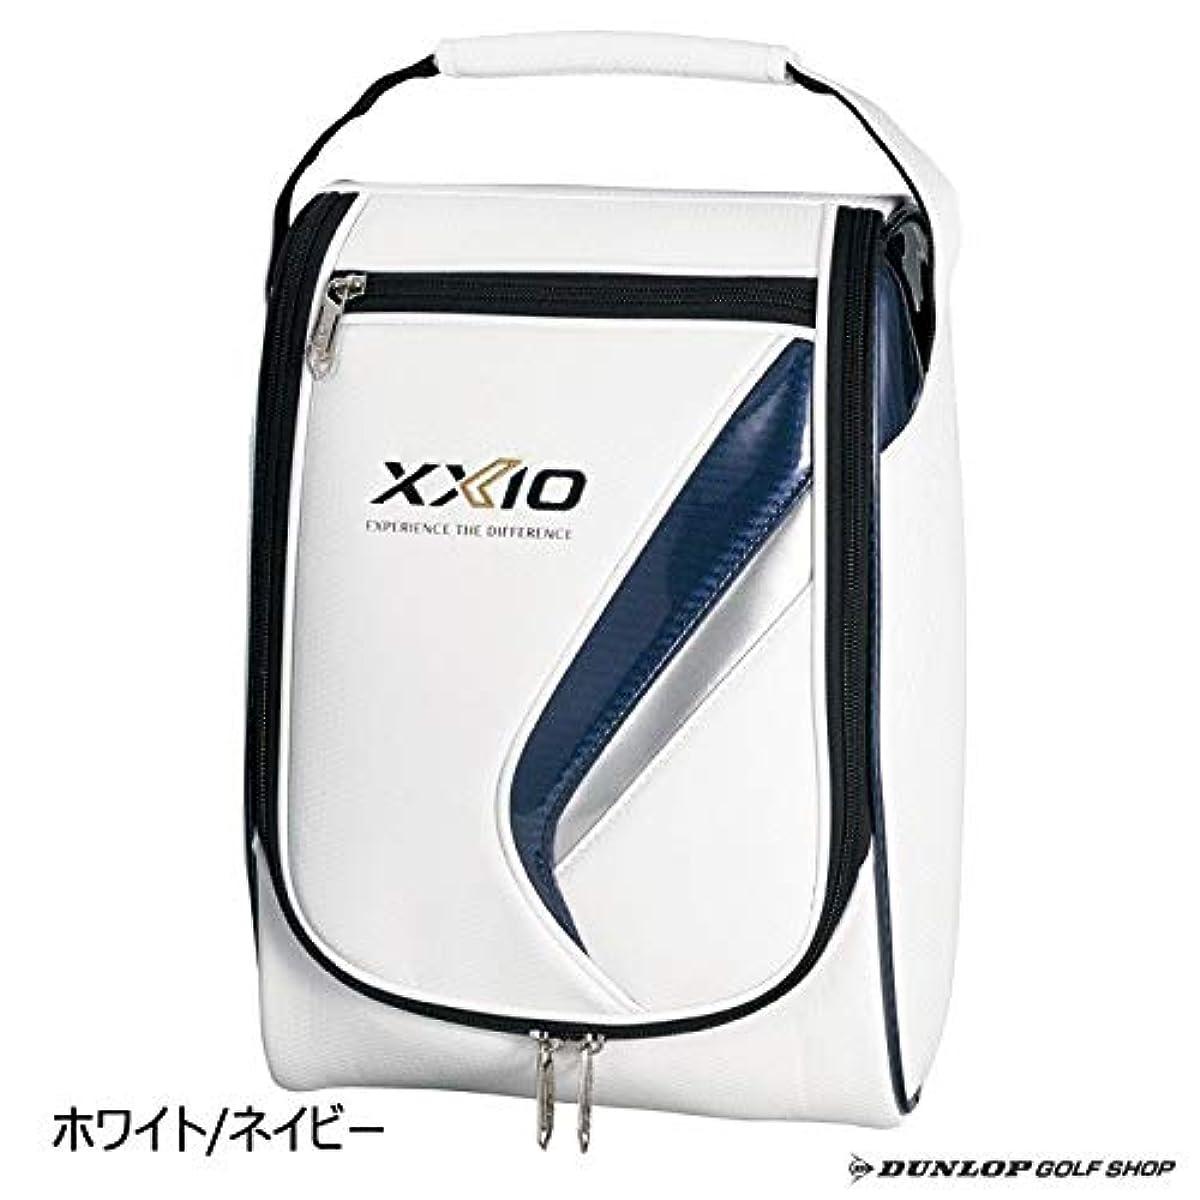 [해외] DUNLOP(던롭) 슈즈 케이스 XXIO 젝시오 슈즈 케이스 GGA-X109 화이트×네이비